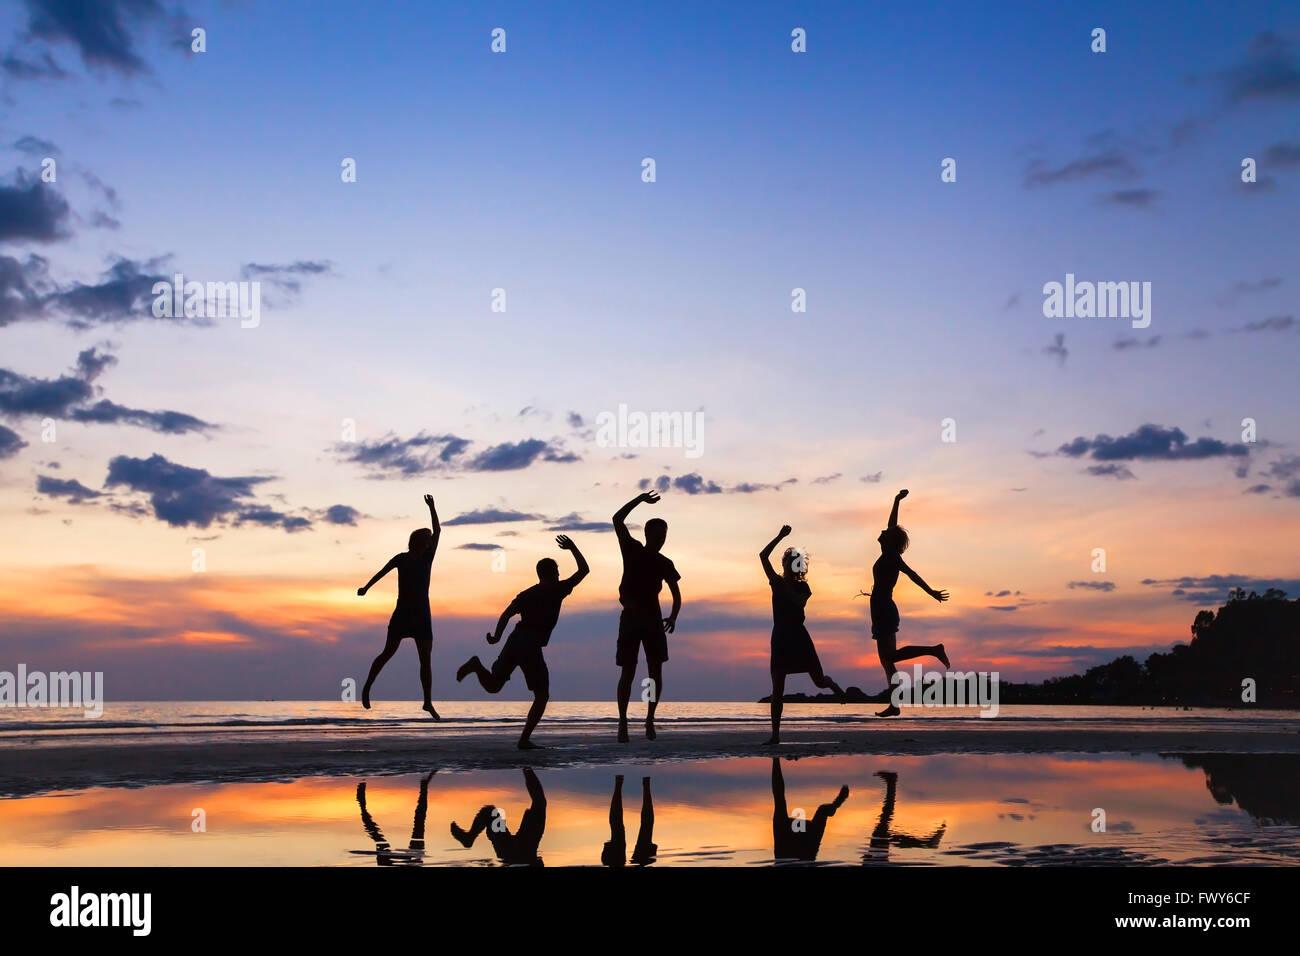 Grupo de personas saltando por la playa al atardecer, silueta de amigos divirtiéndonos juntos Imagen De Stock